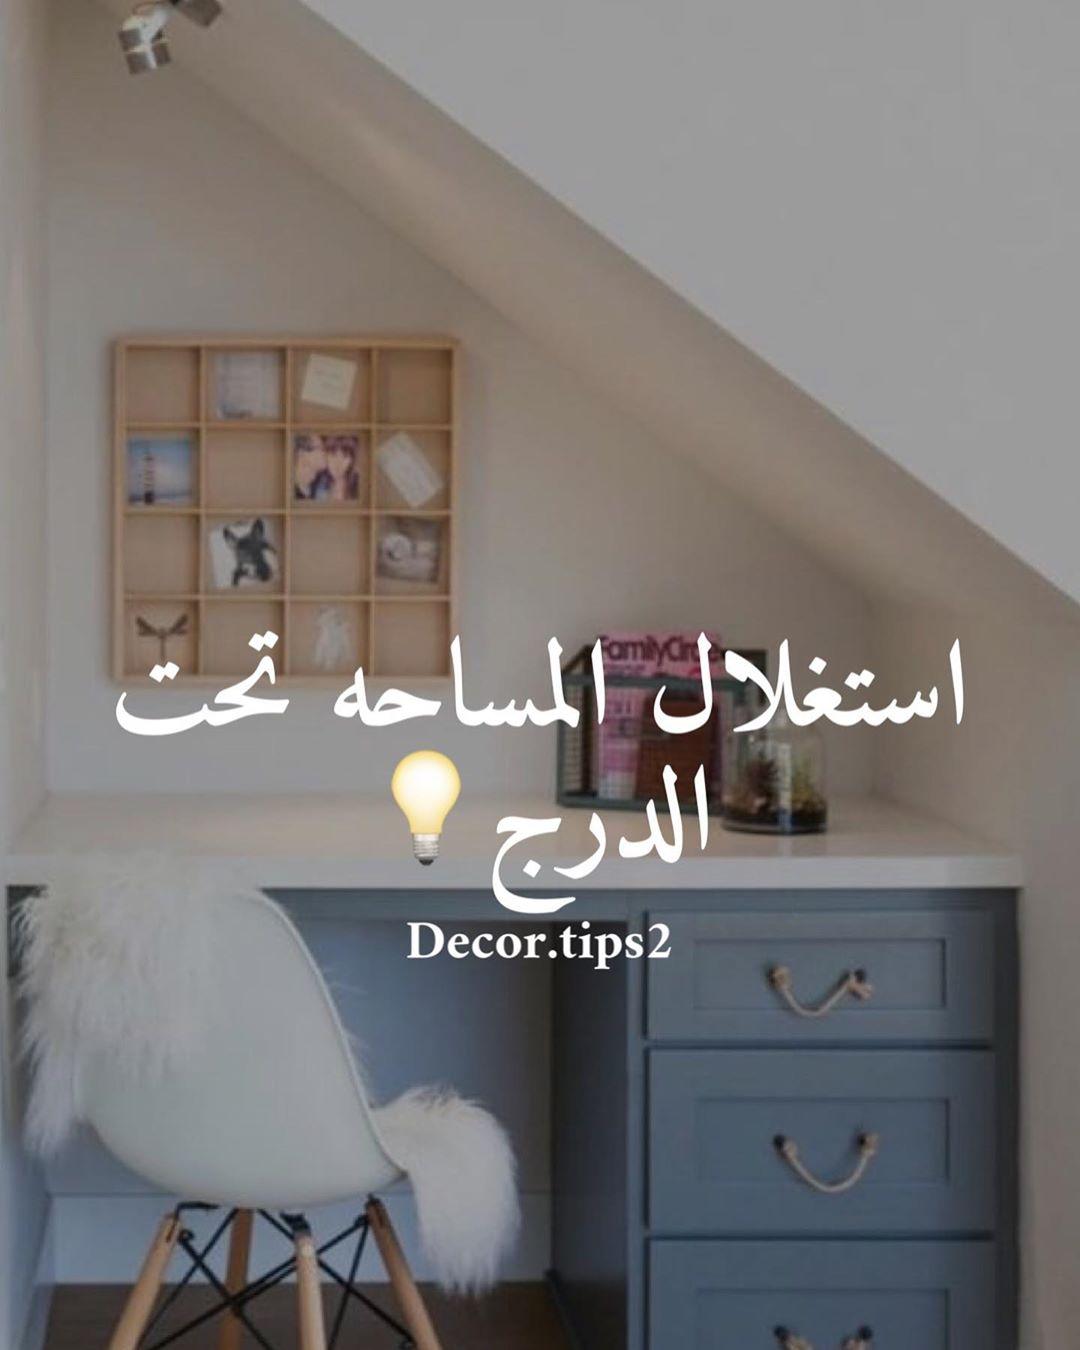 . أفكار لاستغلال المساحه تحت الدرج قبل لا تستغلين المساحه فكري ب أولوياتك واحتيا